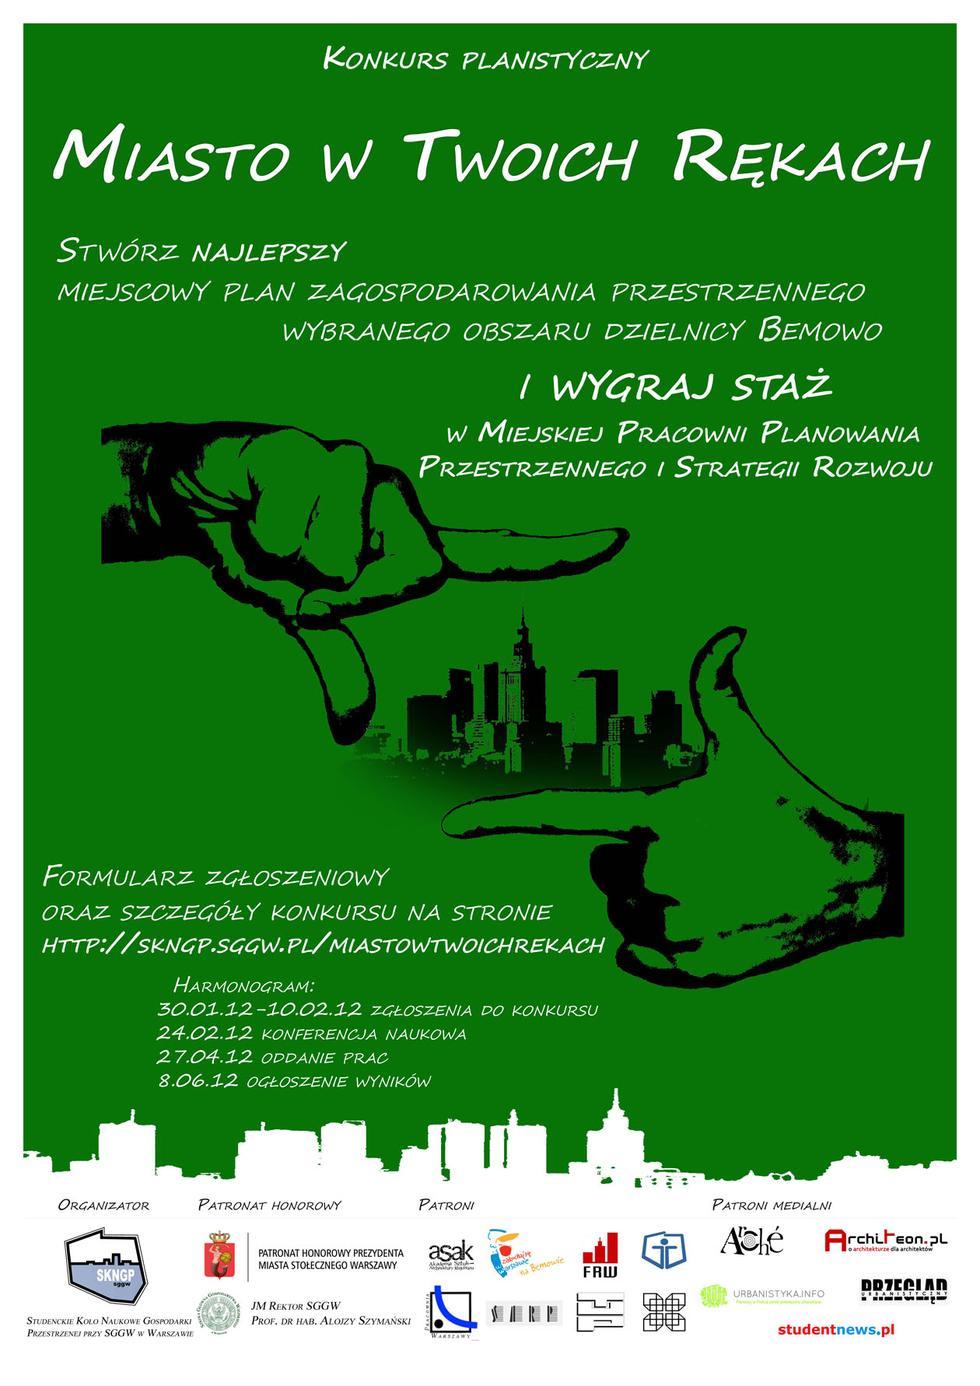 Miasto w twoich rękach - plakat